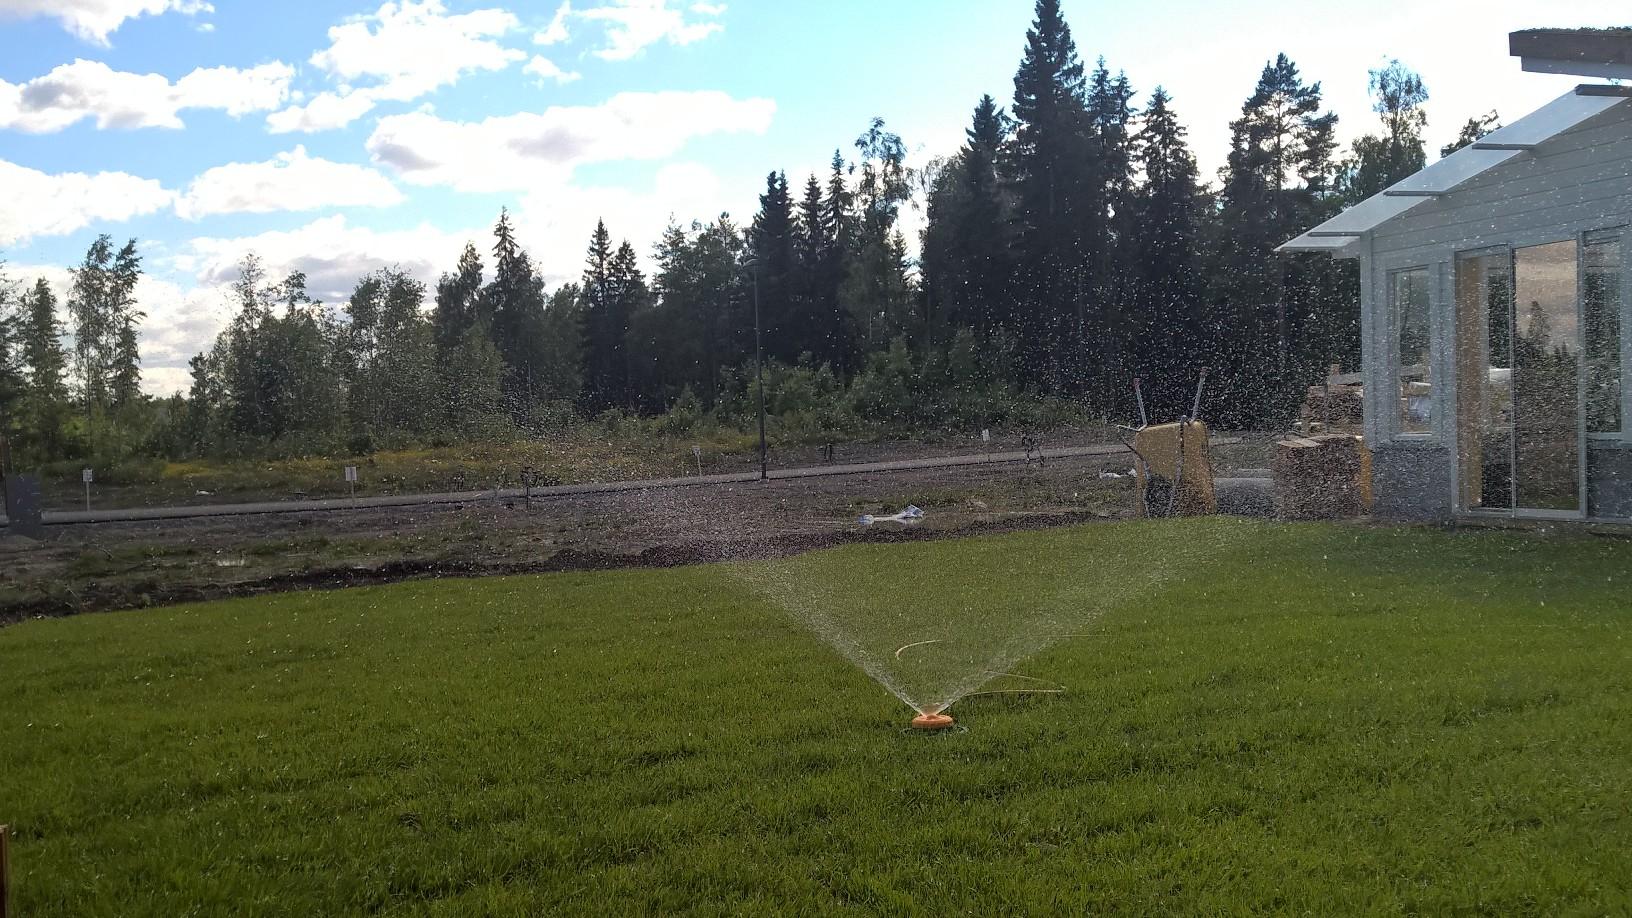 Istutuksen jälkeen nurmikkoa on varauduttava kastelemaan juurtumiseen asti. Paras ajankohta kastelulle on ilta.